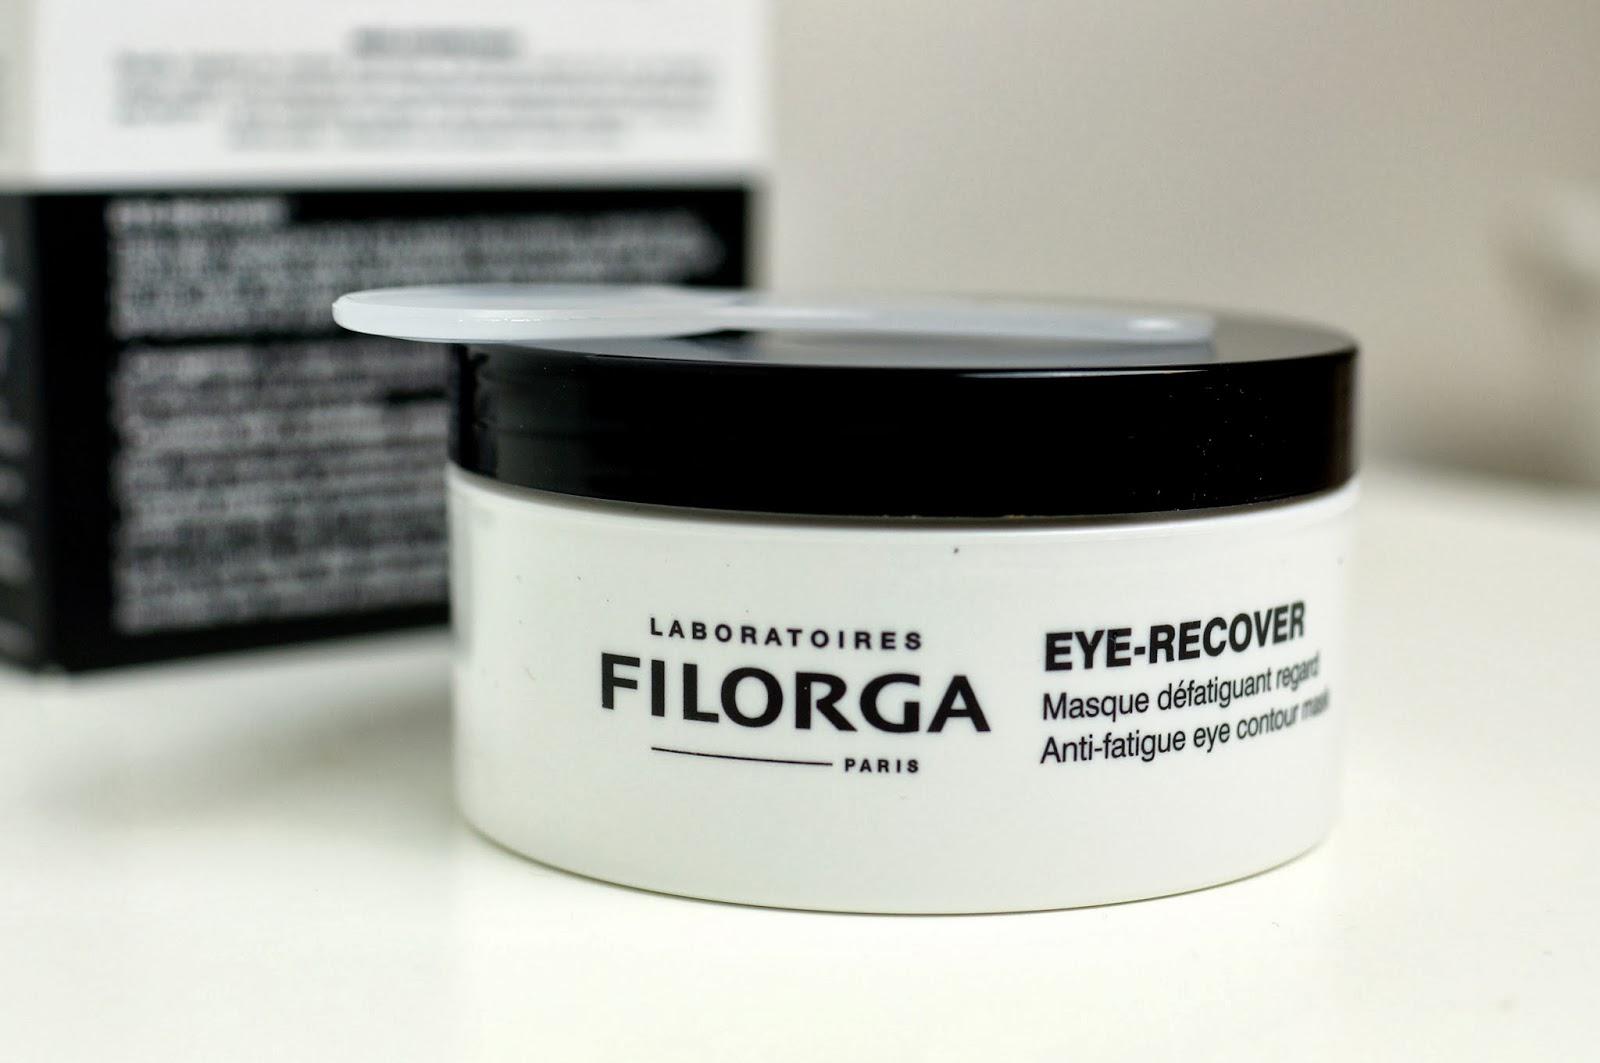 Filorga Eye-Recover Anti-fatigue Eye Mask review